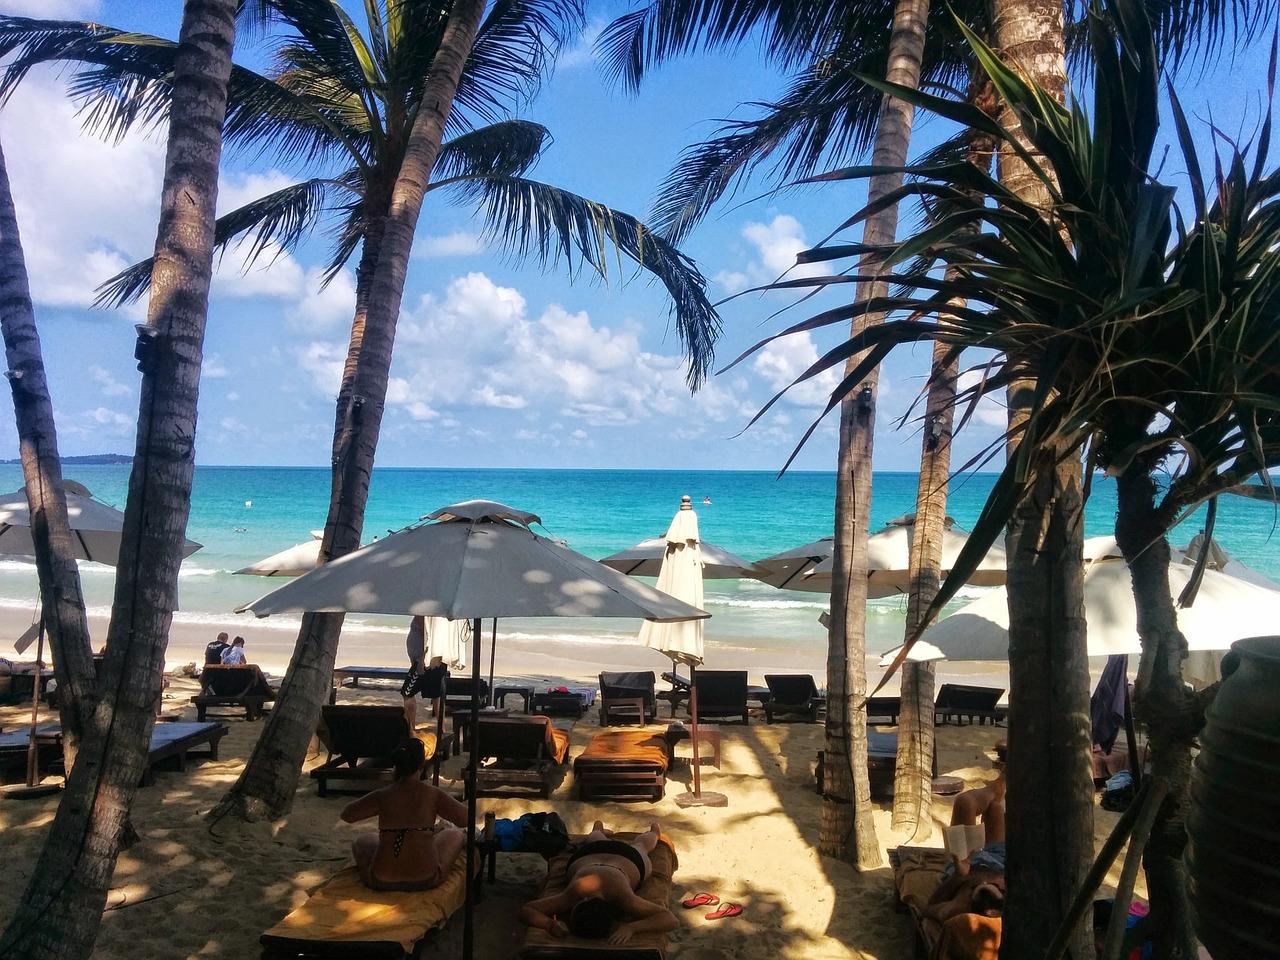 beach-703682_1280